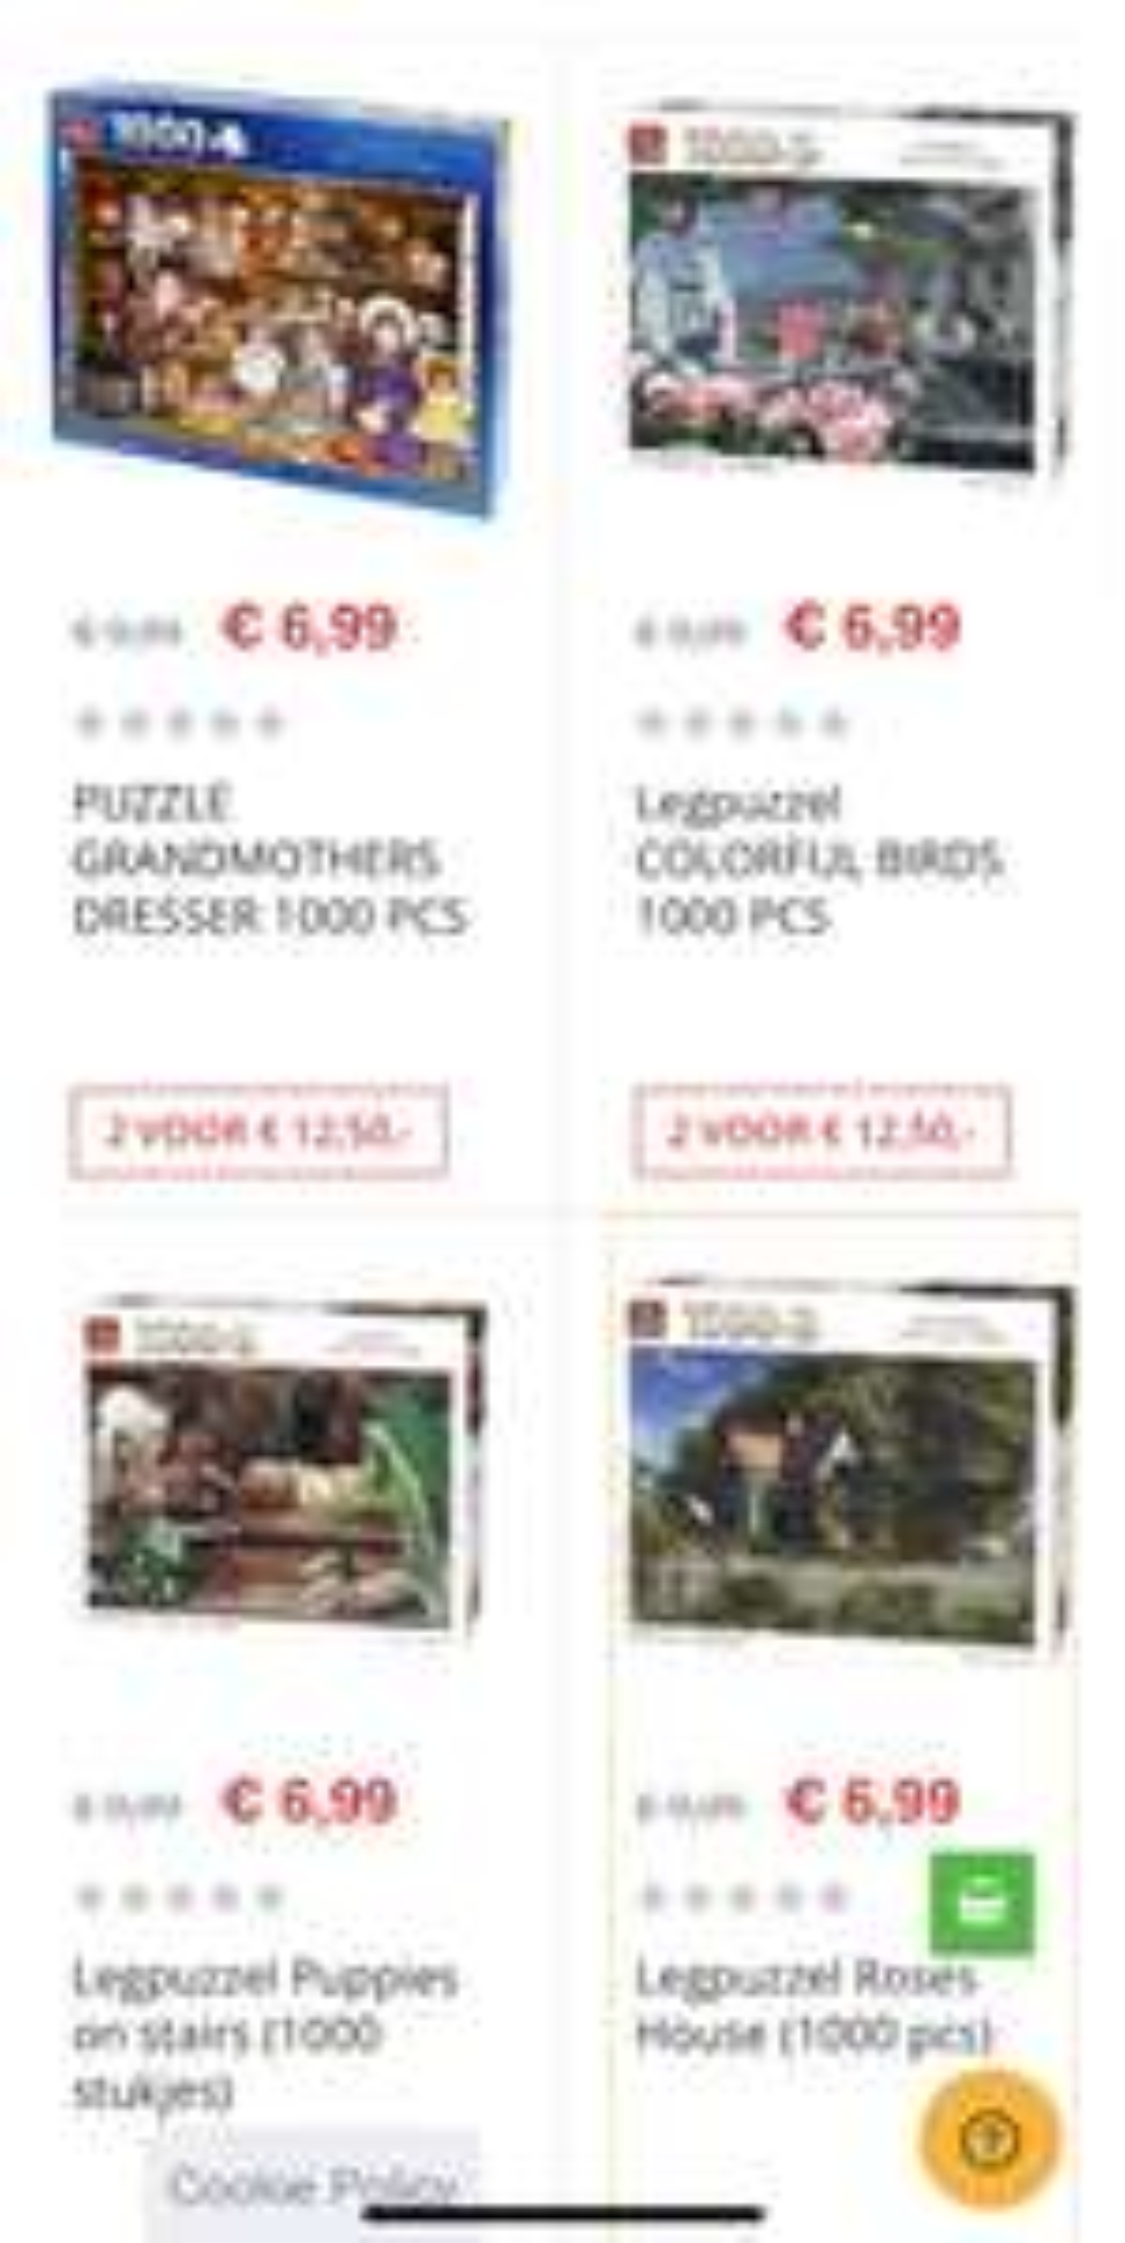 2 legpuzzels voor €12,50